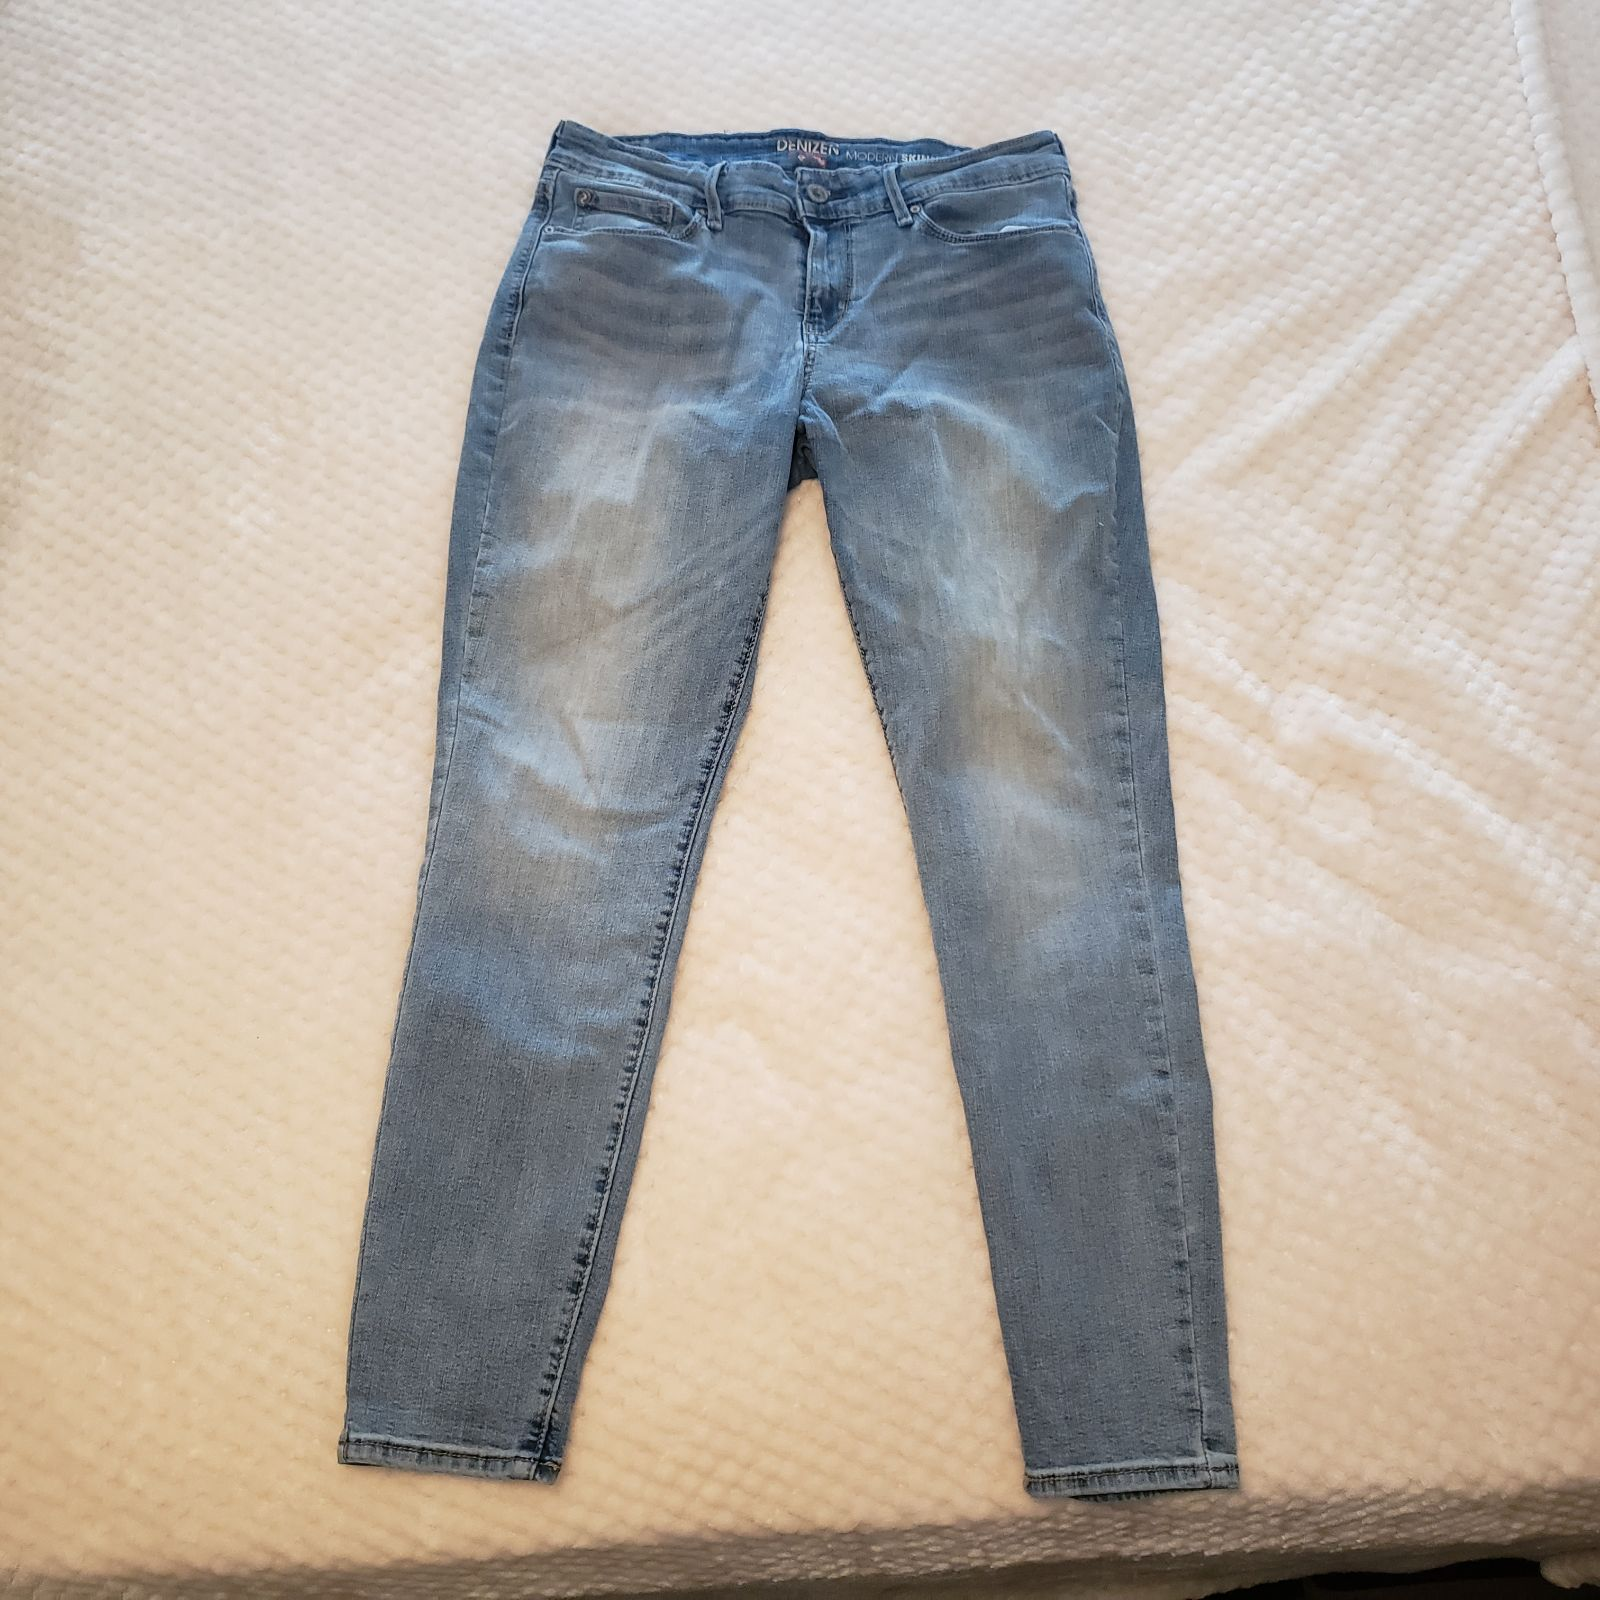 Levi's Modern Skinny Jeans size 10